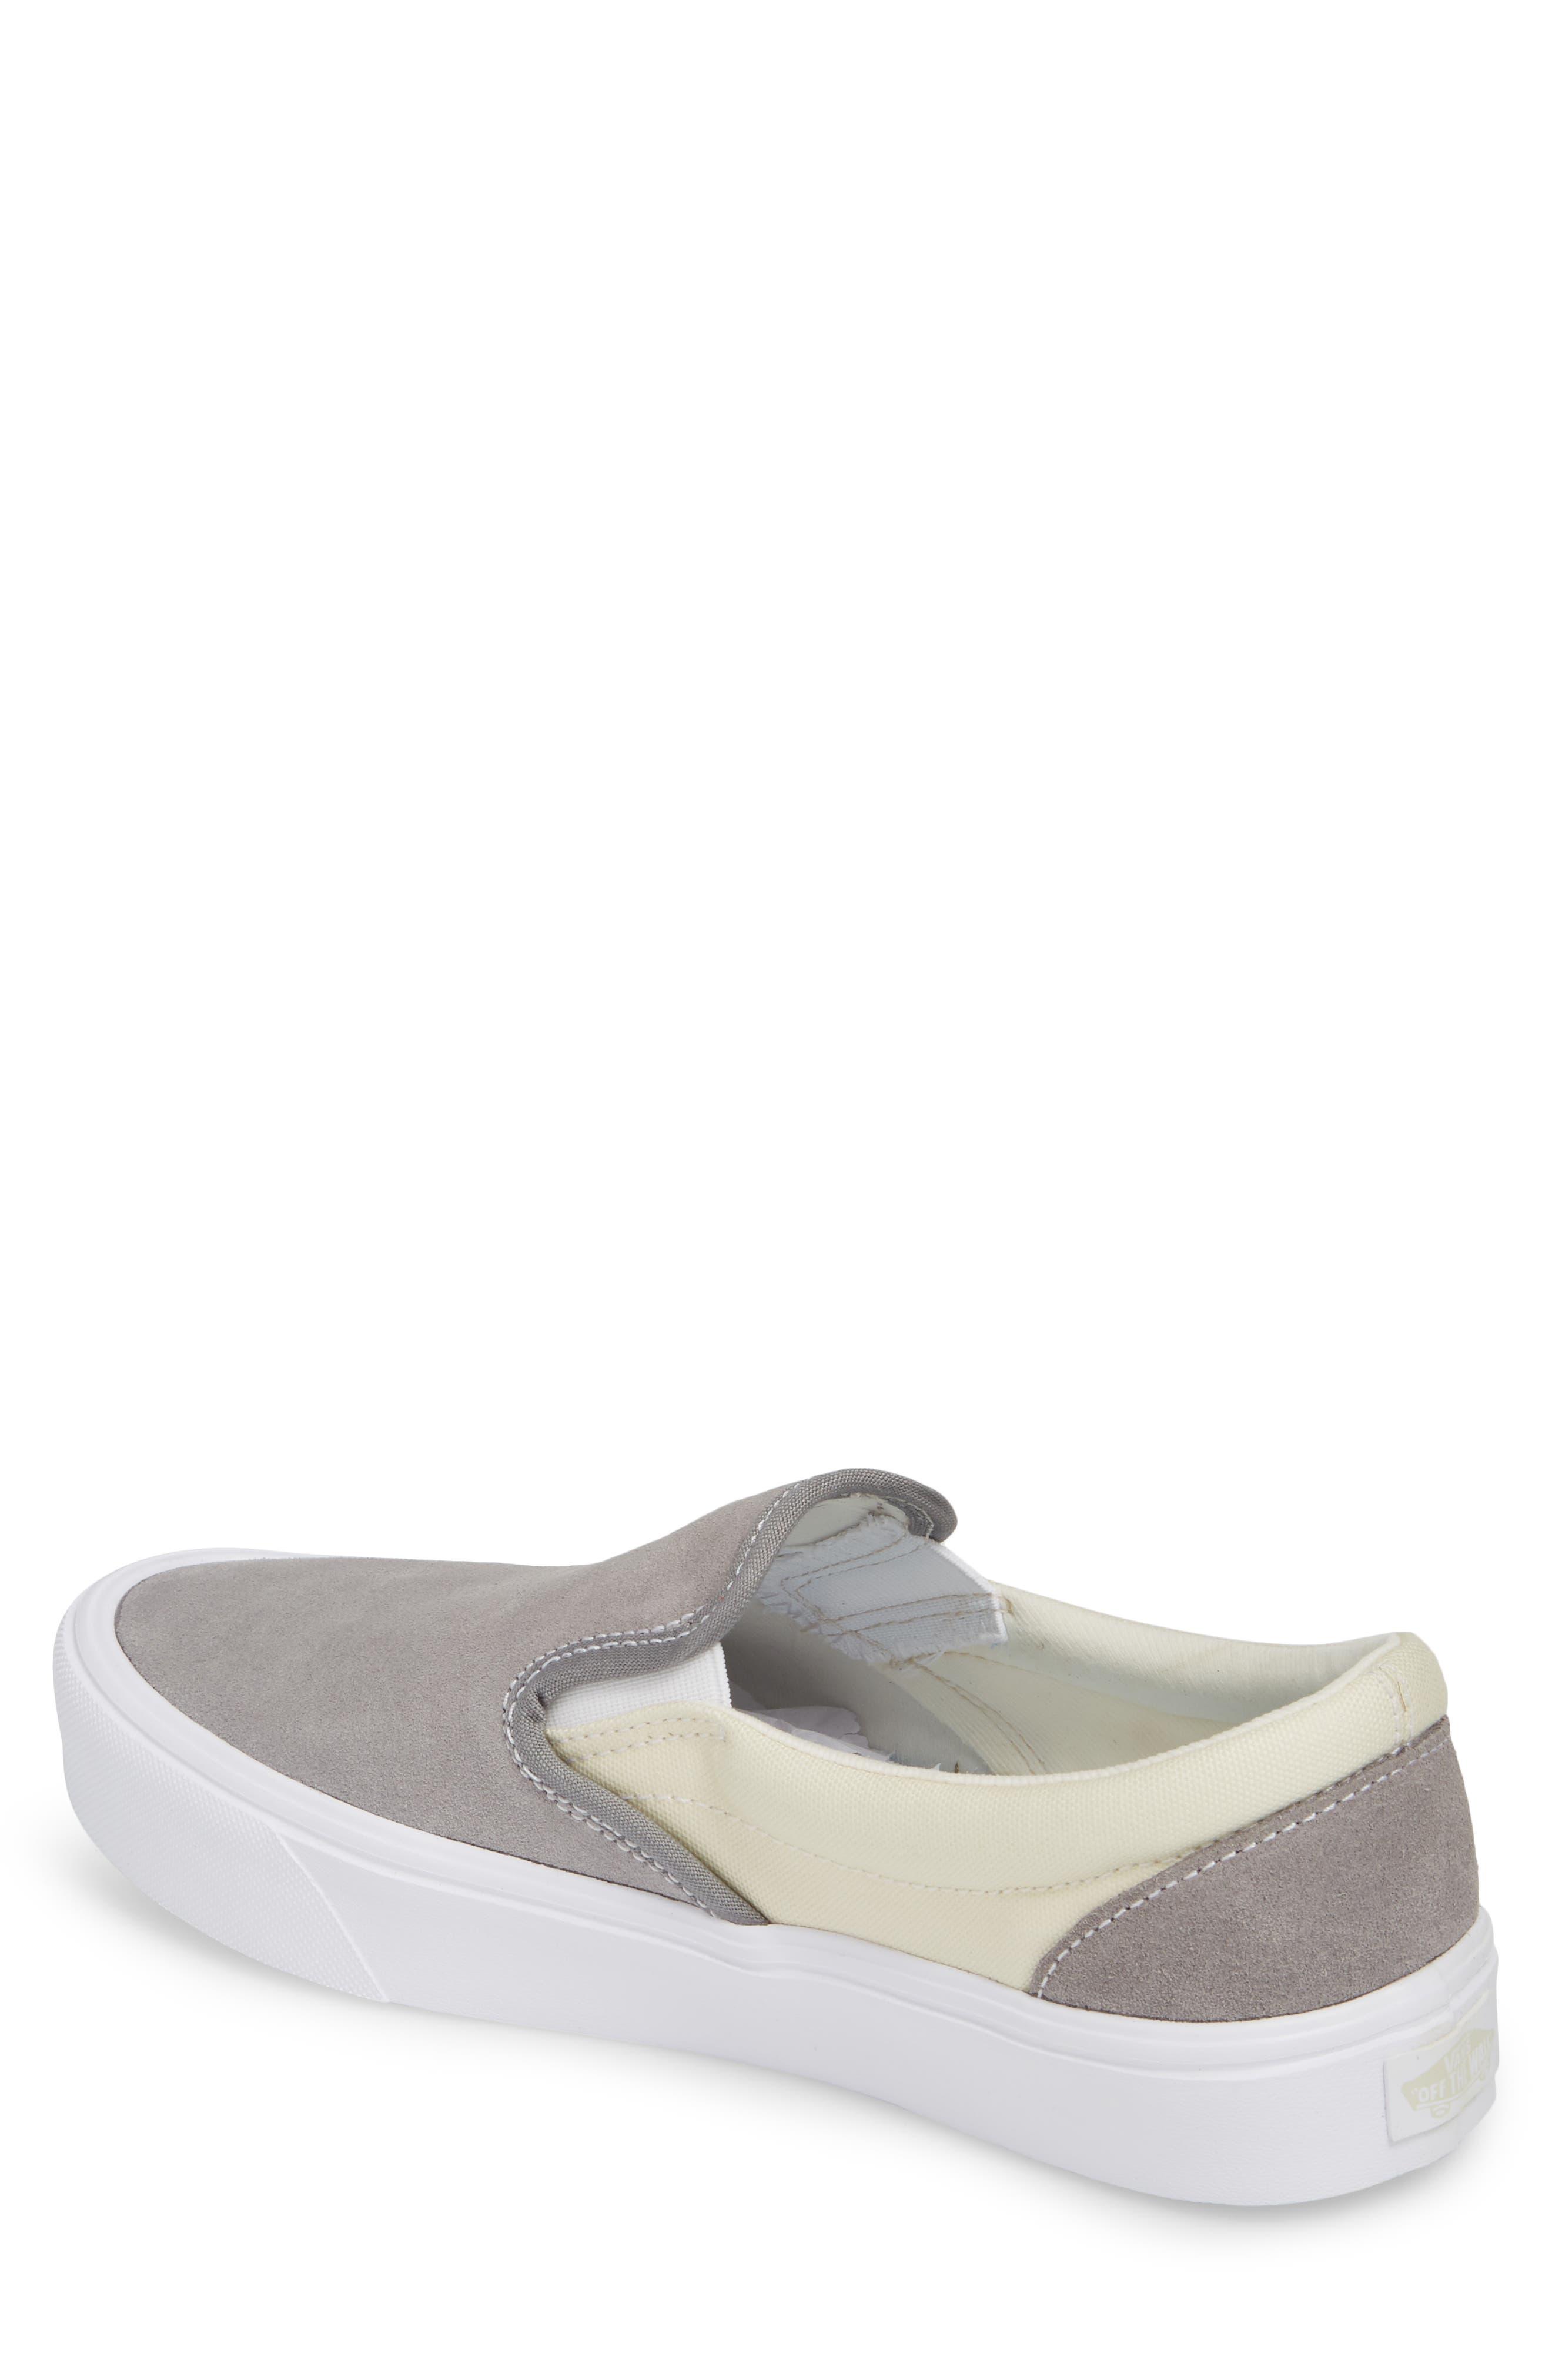 Lite Slip-On Sneaker,                             Alternate thumbnail 2, color,                             030